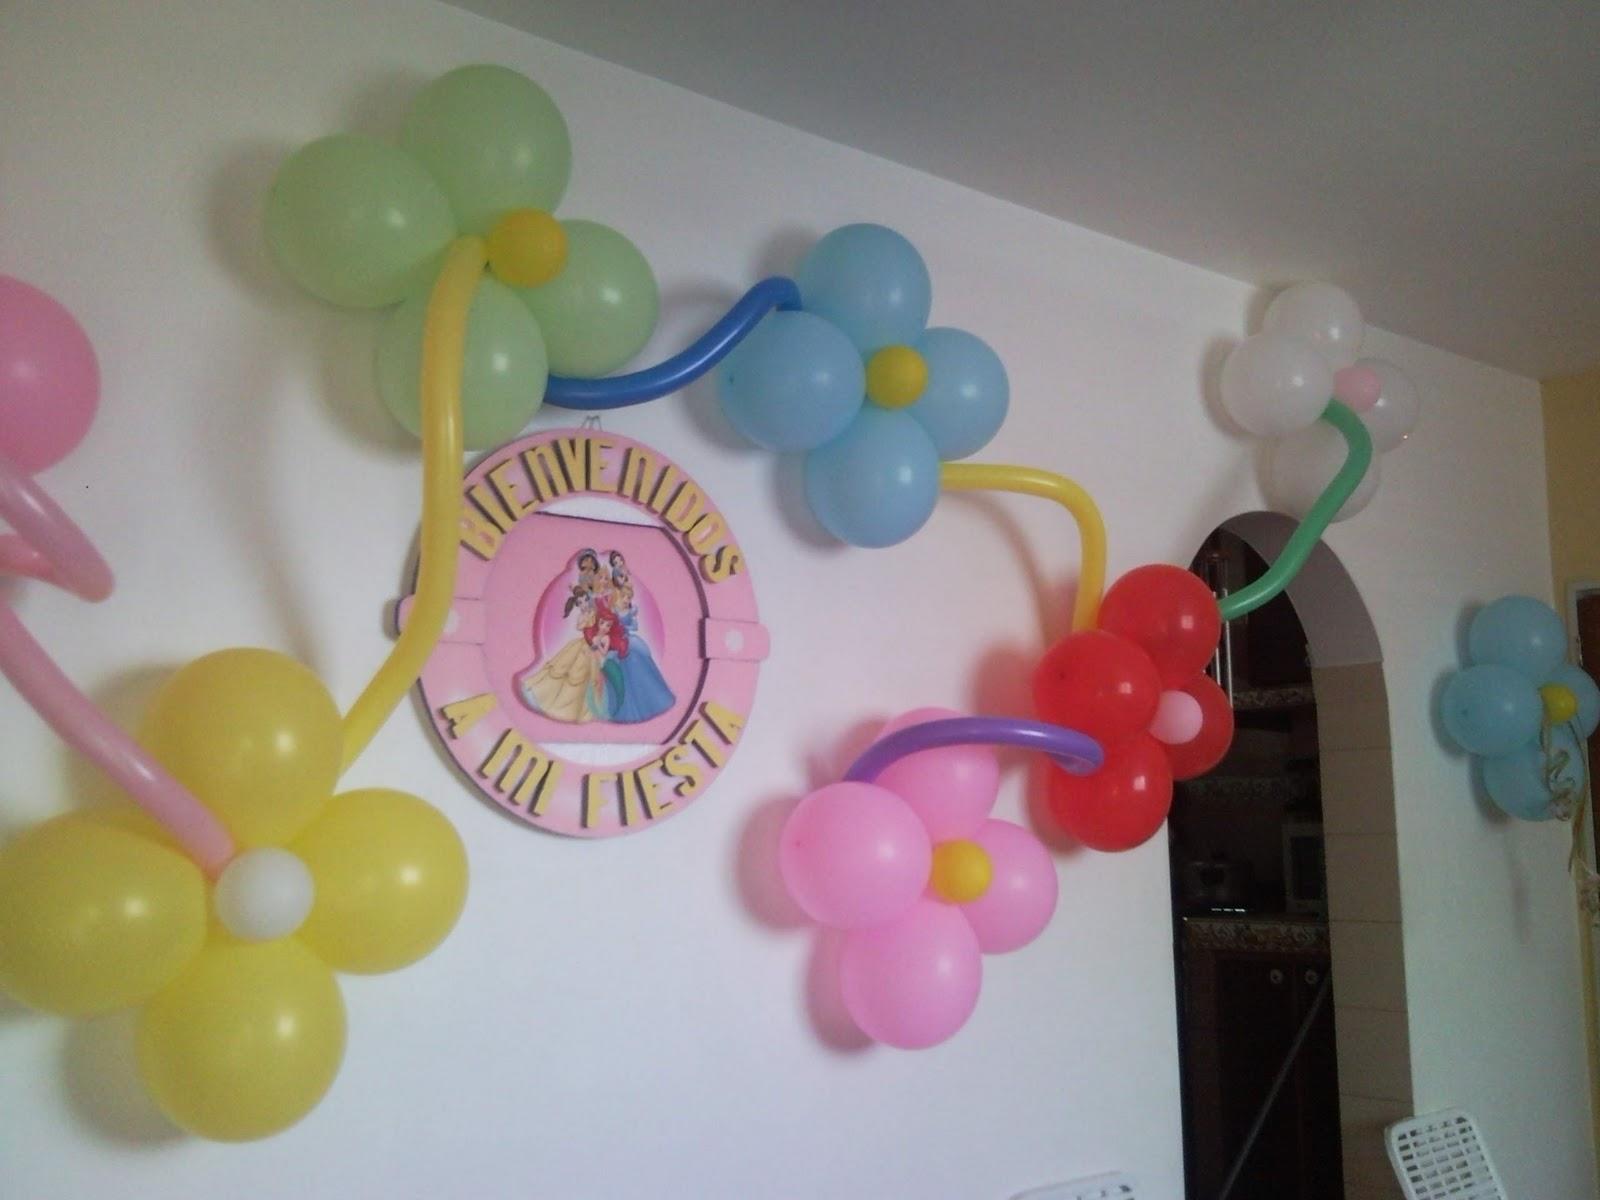 Decoraciones con globos pared de flores - Decoraciones para la pared ...